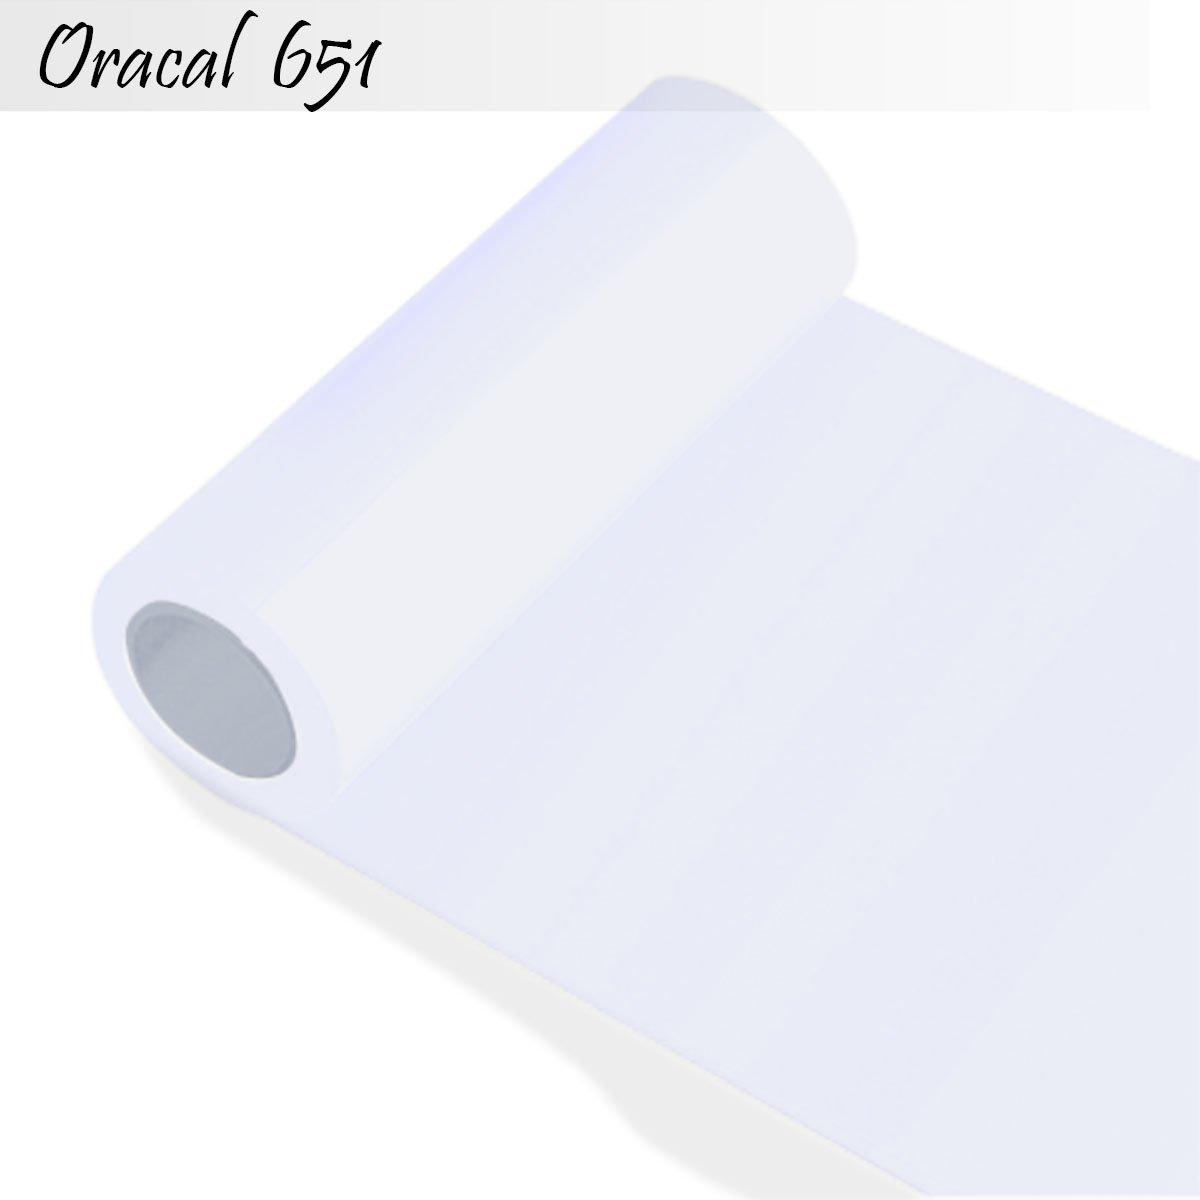 Oracal Orafol 651 Folie 5m freie Farbwahl 60 glänzende Farben in 4 ...